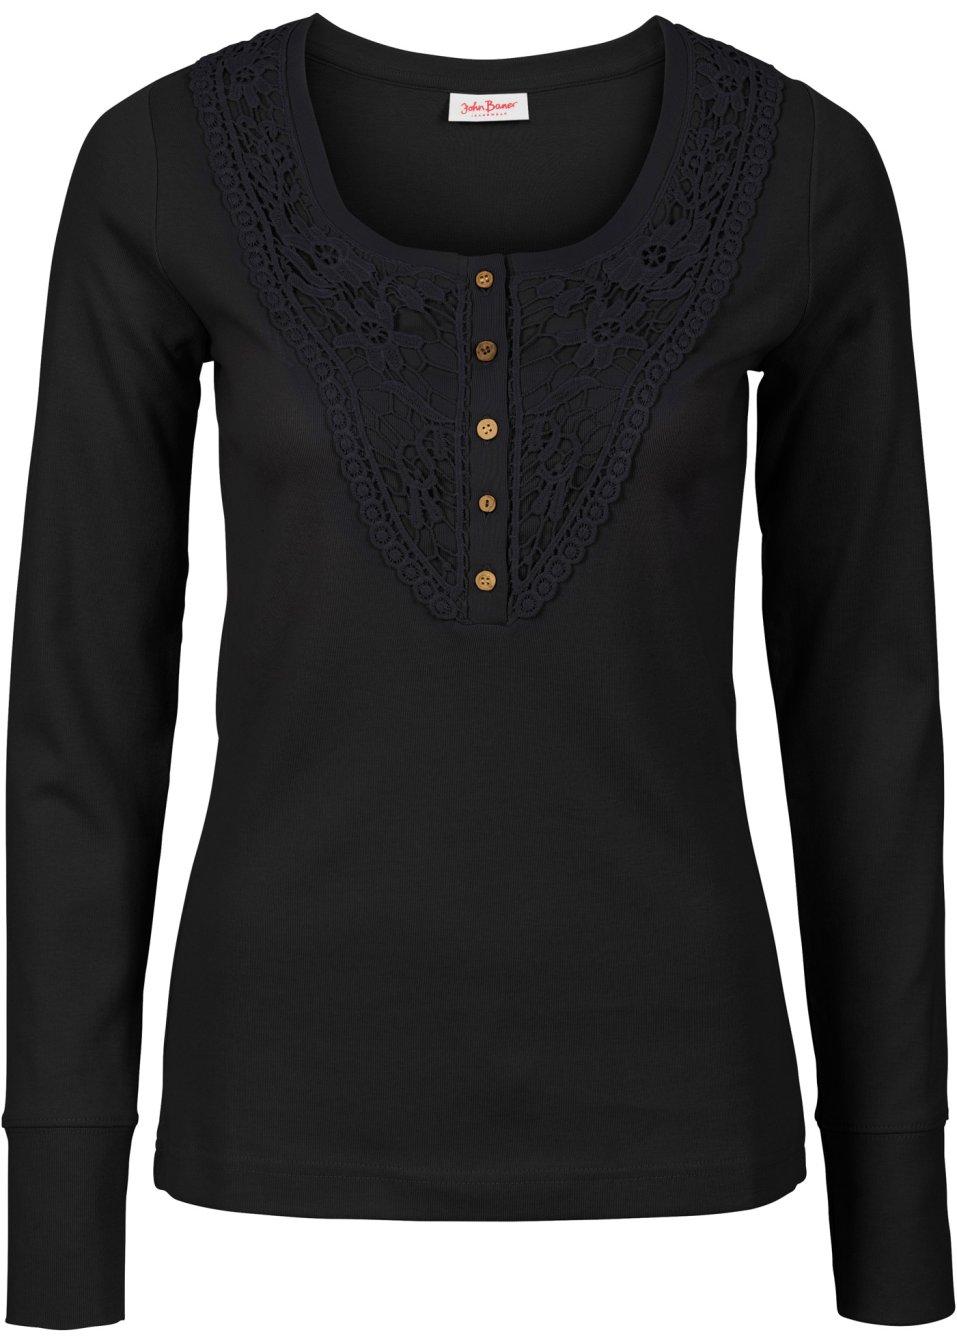 modisches langarmshirt mit spitze und rundem ausschnitt. Black Bedroom Furniture Sets. Home Design Ideas